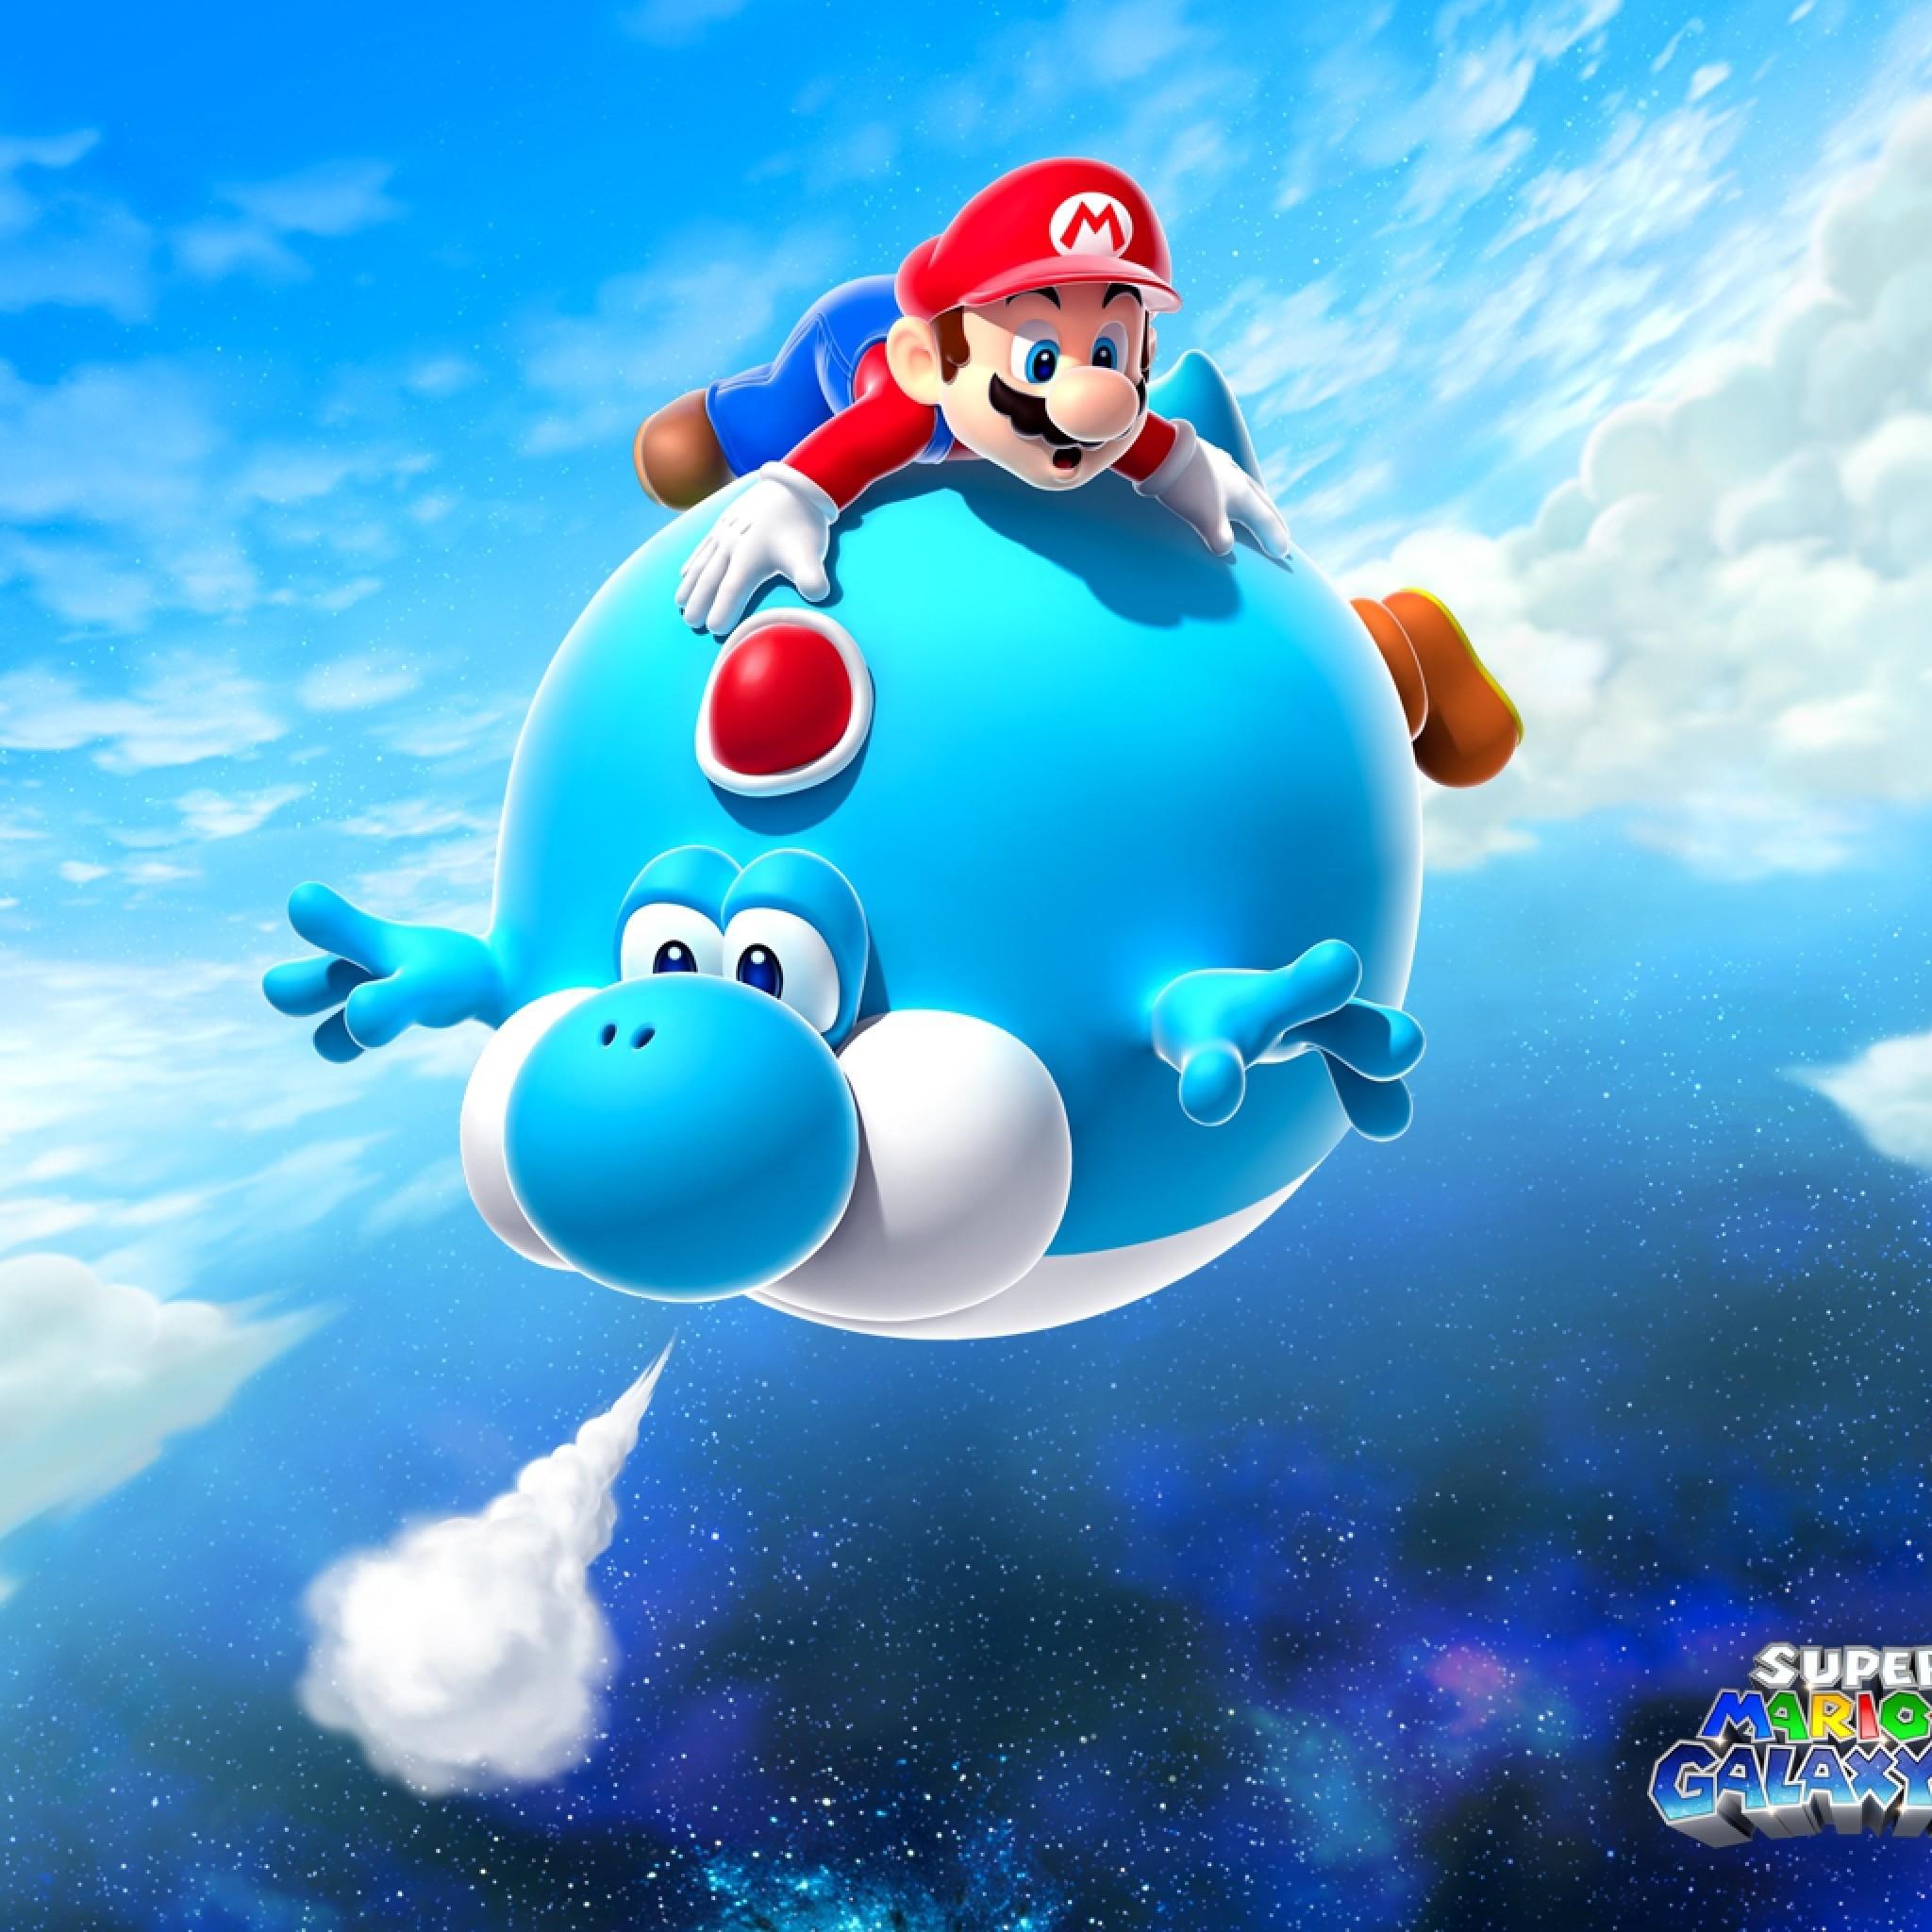 Preview wallpaper mario, air balloon, yoshi, blue, super mario galaxy 2  2048×2048